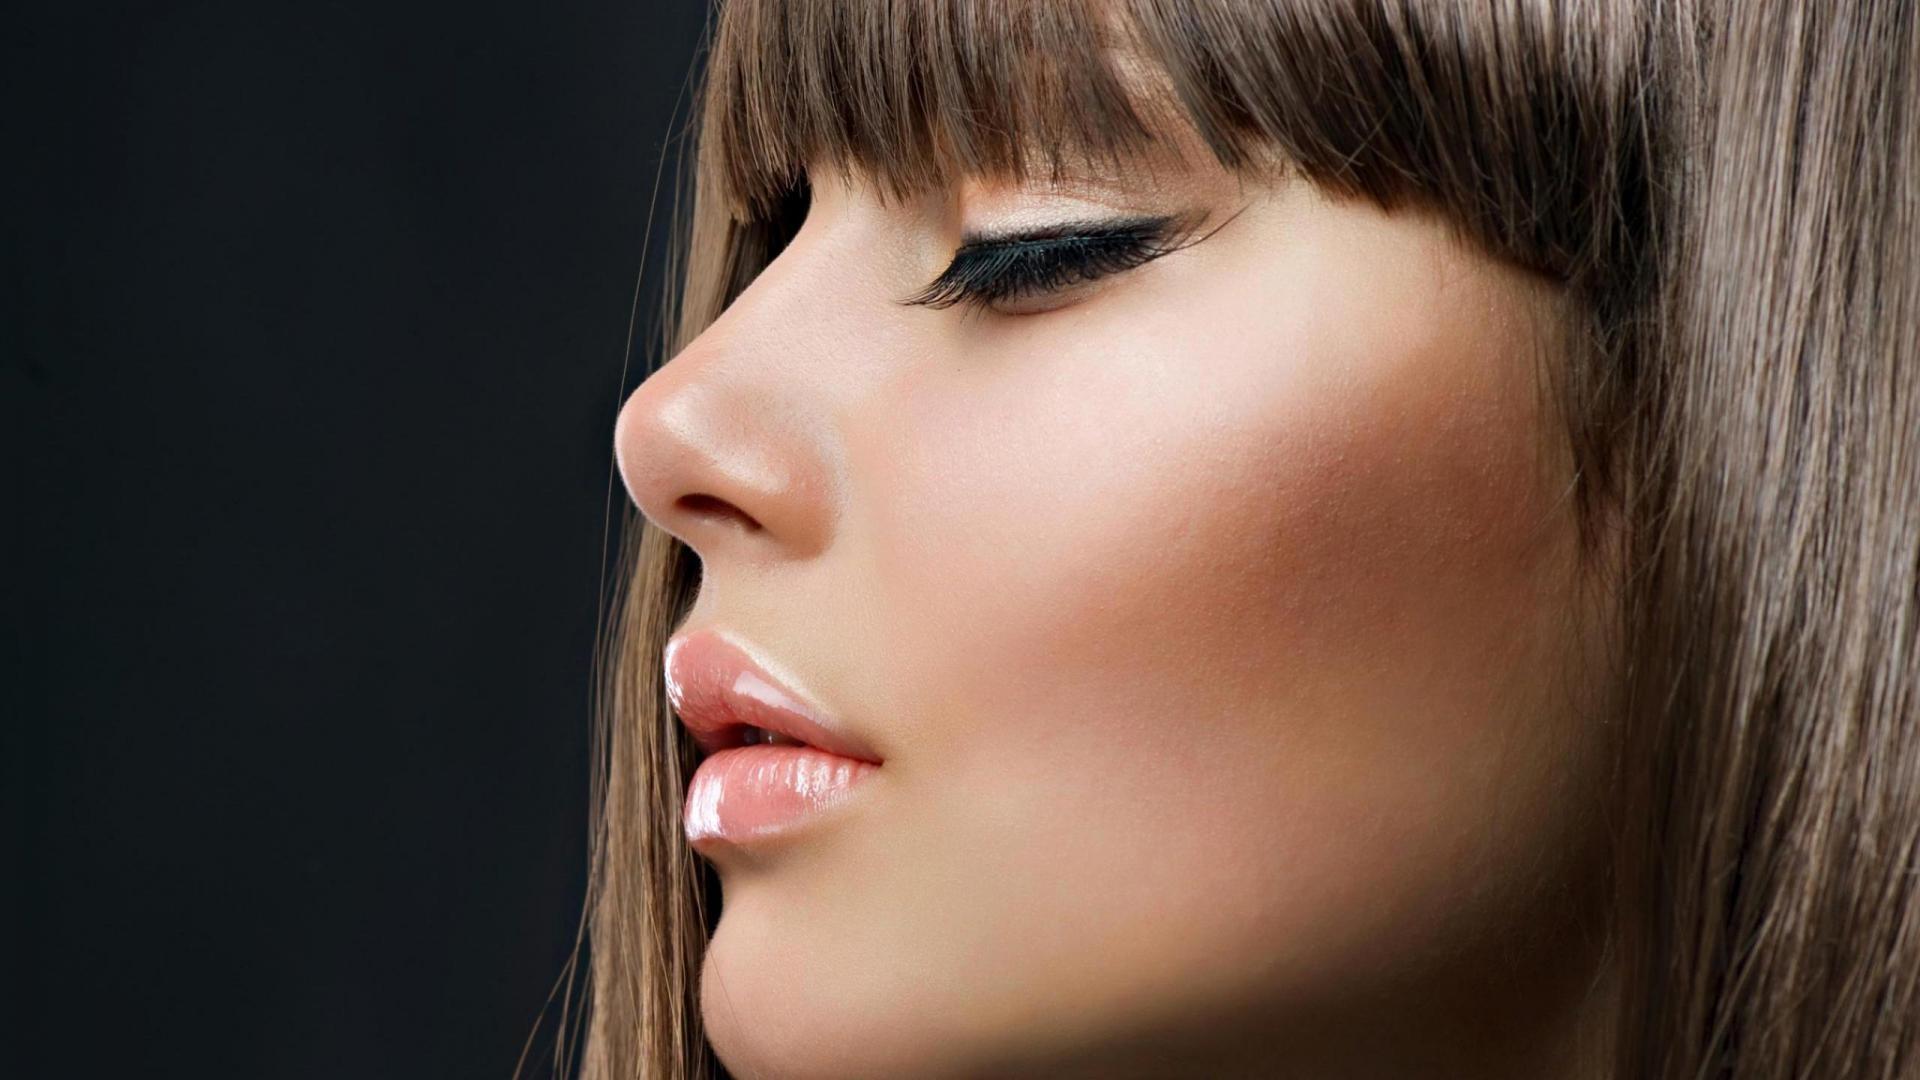 Beautiful <b>Female Face Wallpapers</b>